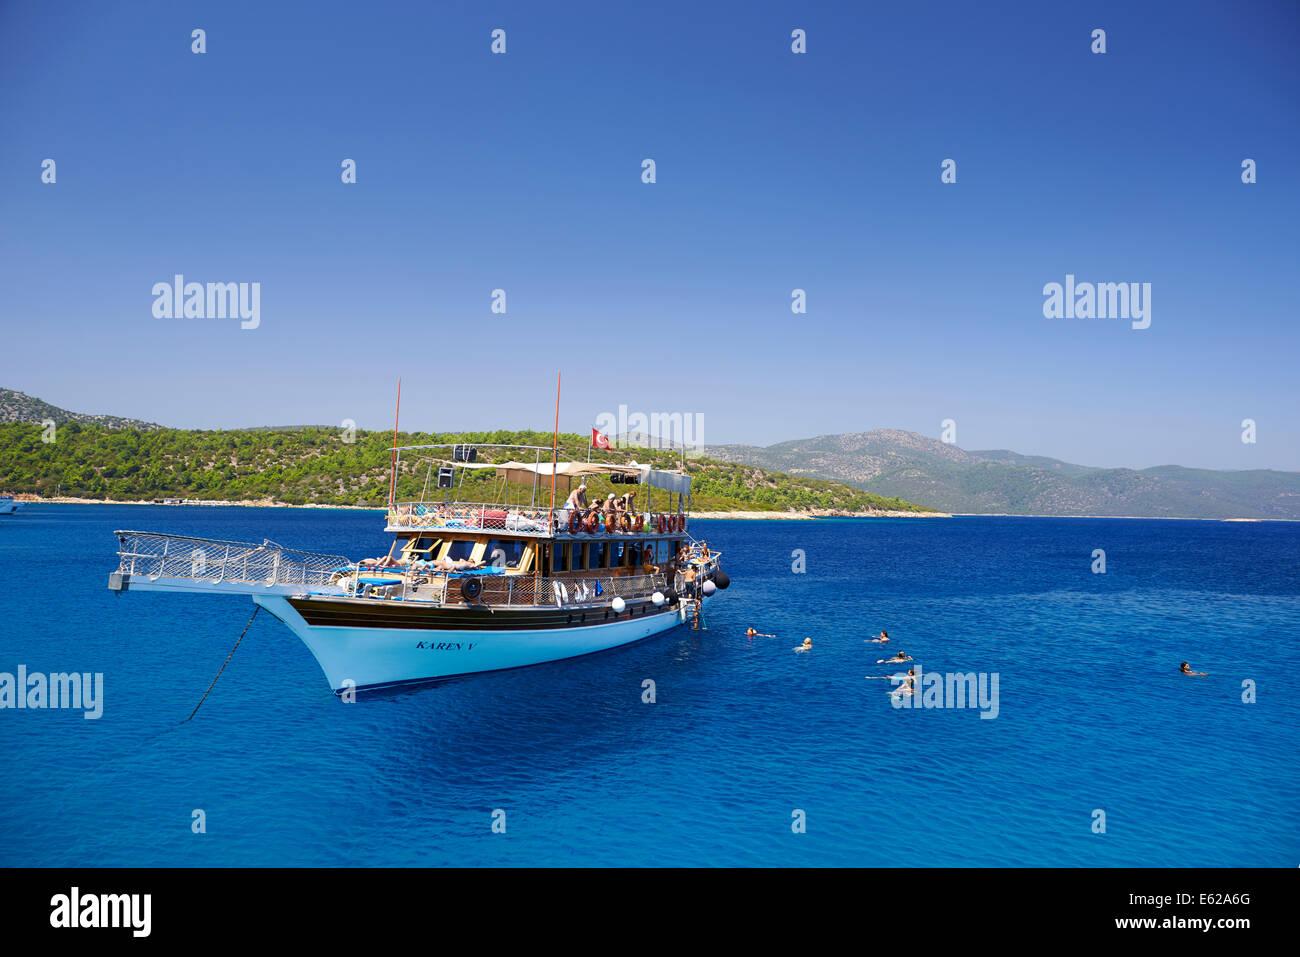 Goleta turca tradicional viaje de placer Imagen De Stock